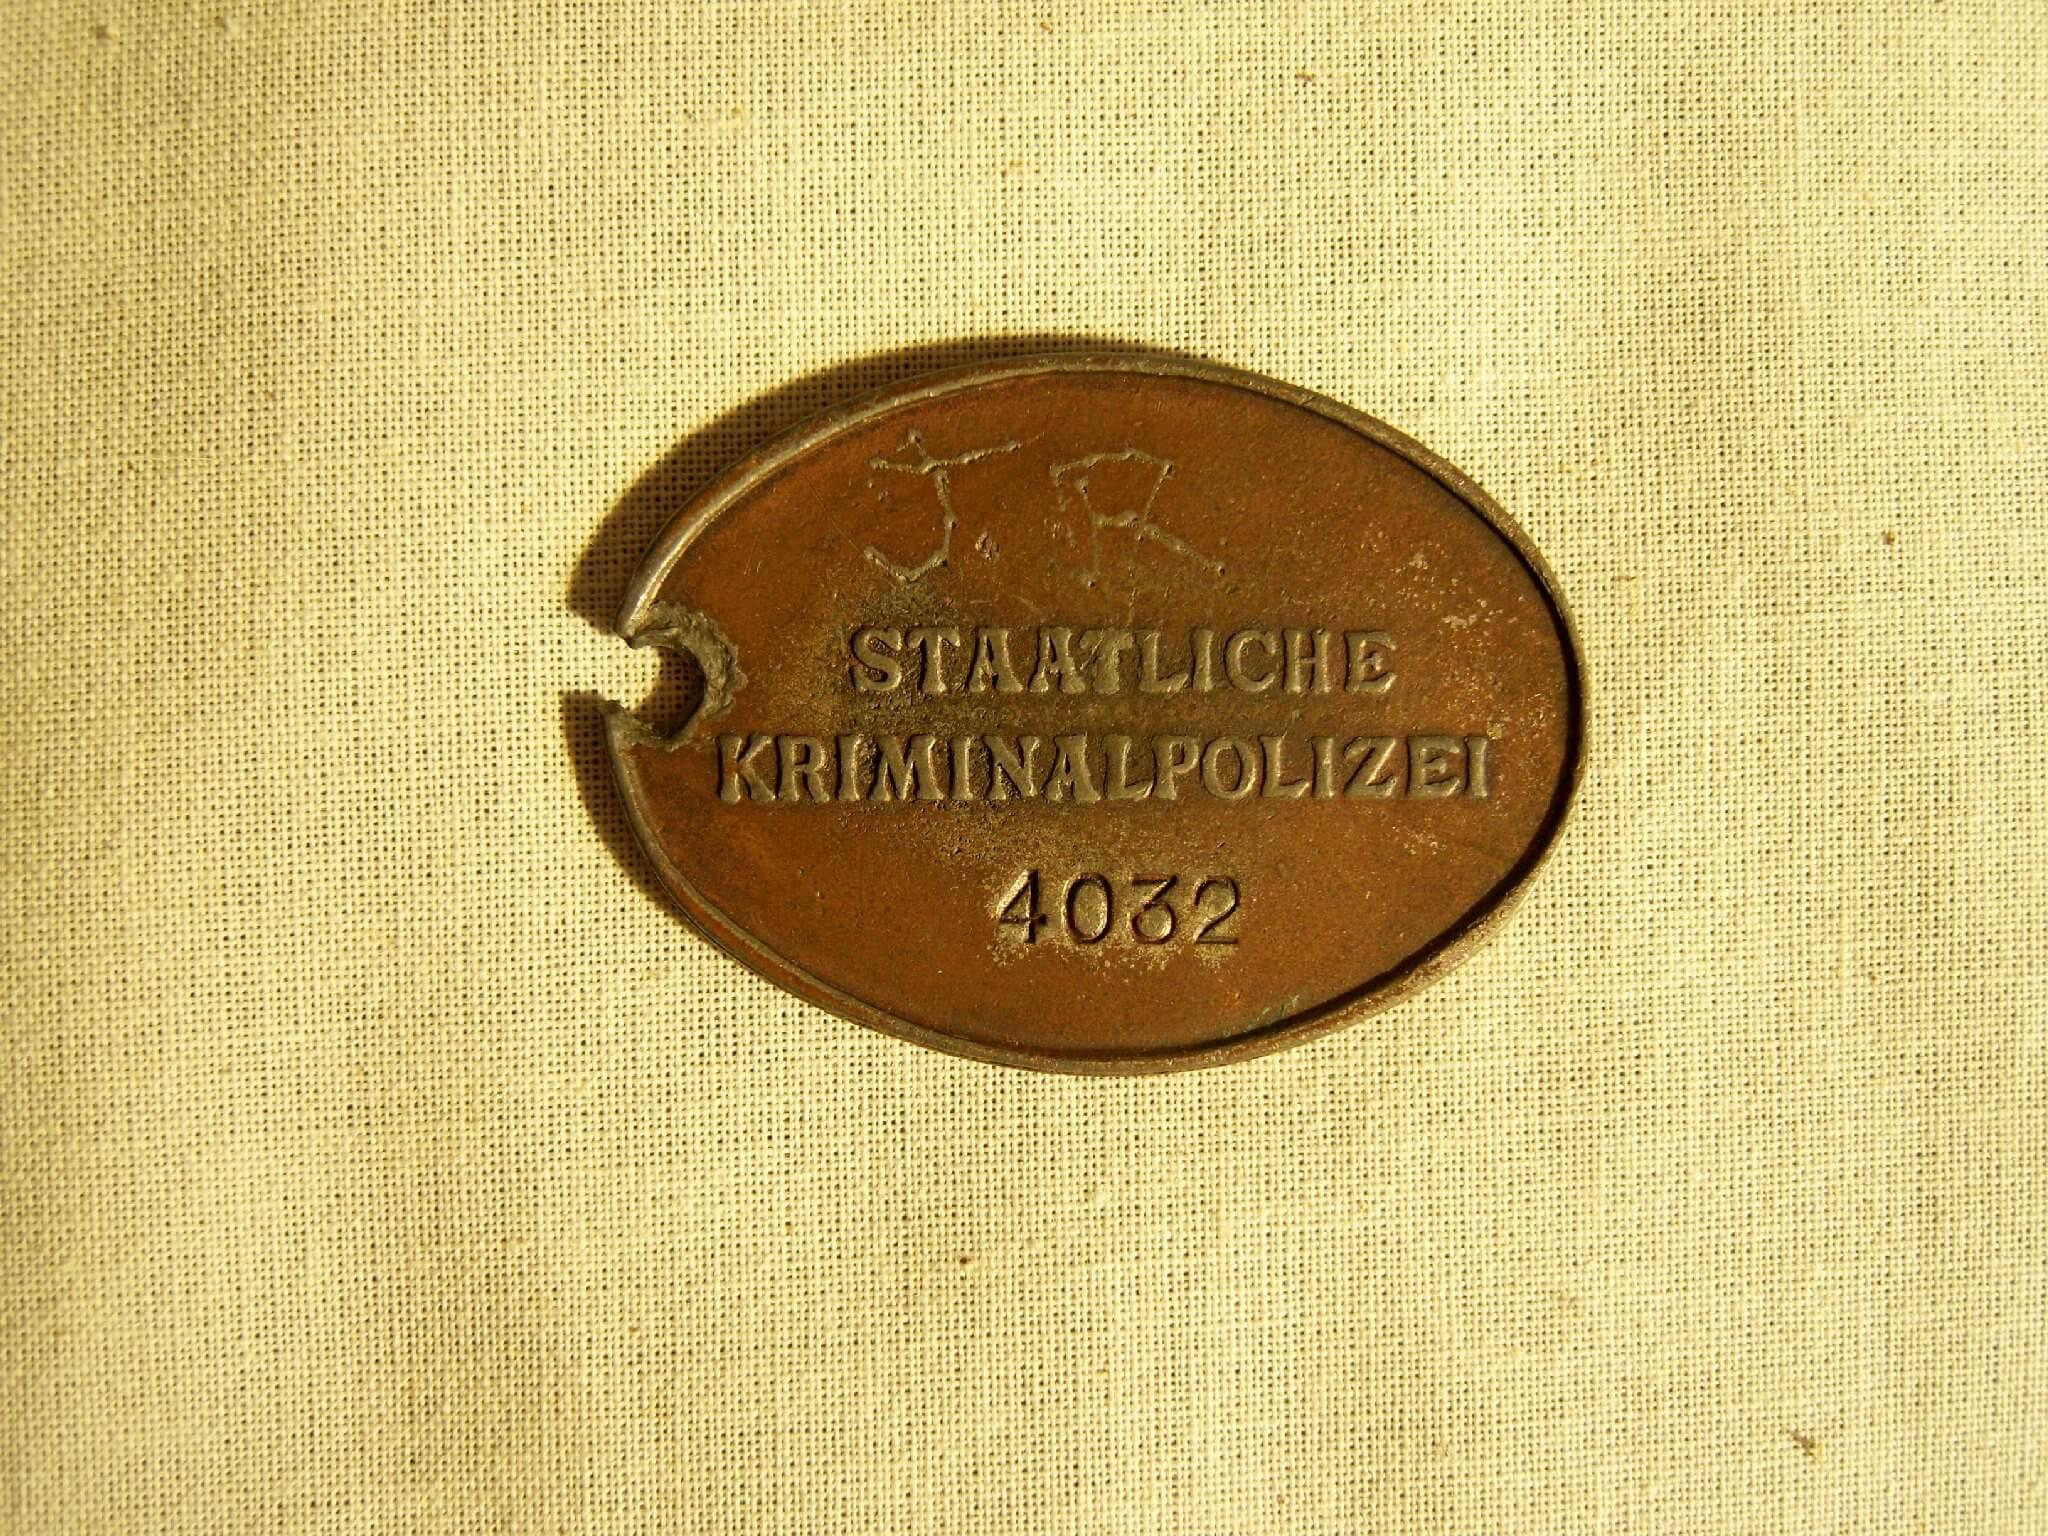 Duits indentificatie plaatje staatliche kriminalpolizei kripo wo2 ID disc